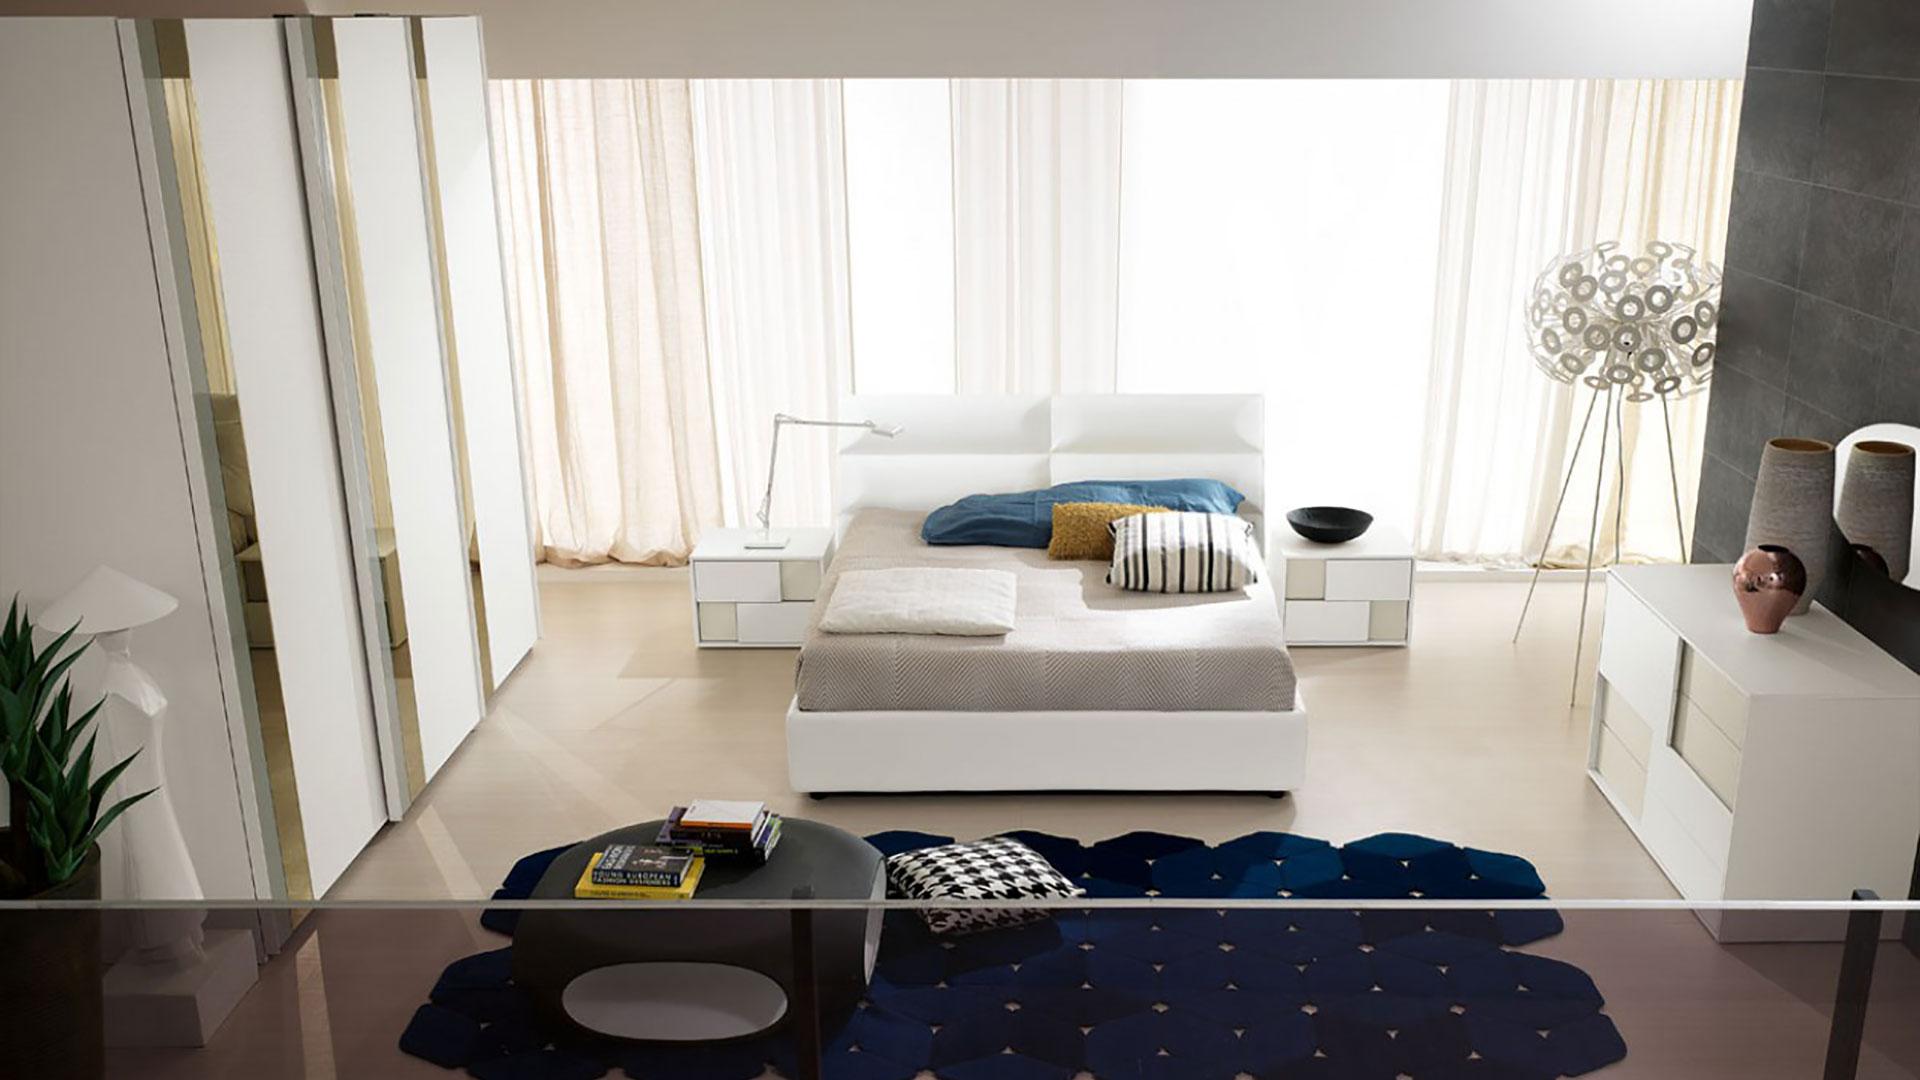 Vendita camere da letto napoli improta arredamenti - Camere da letto genova ...